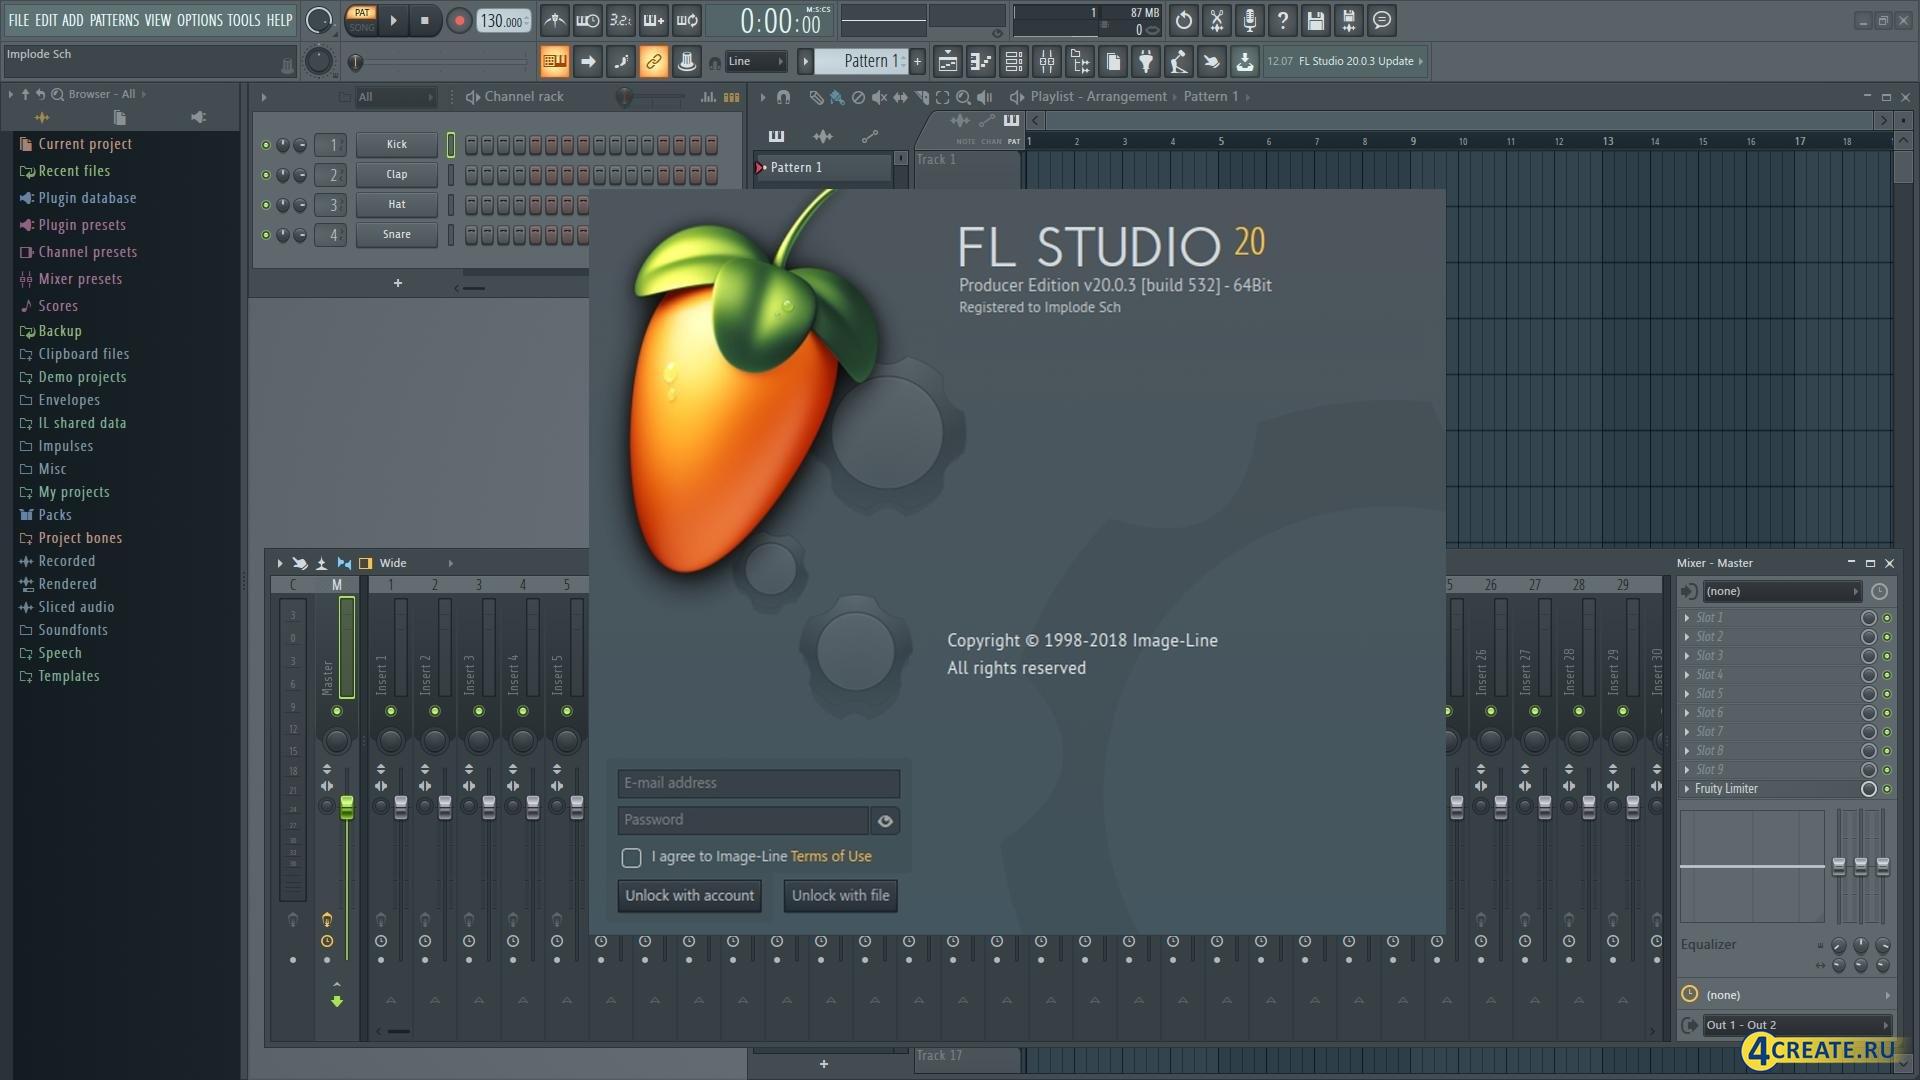 FL Studio 20.1.1.795 (Скриншот 4)